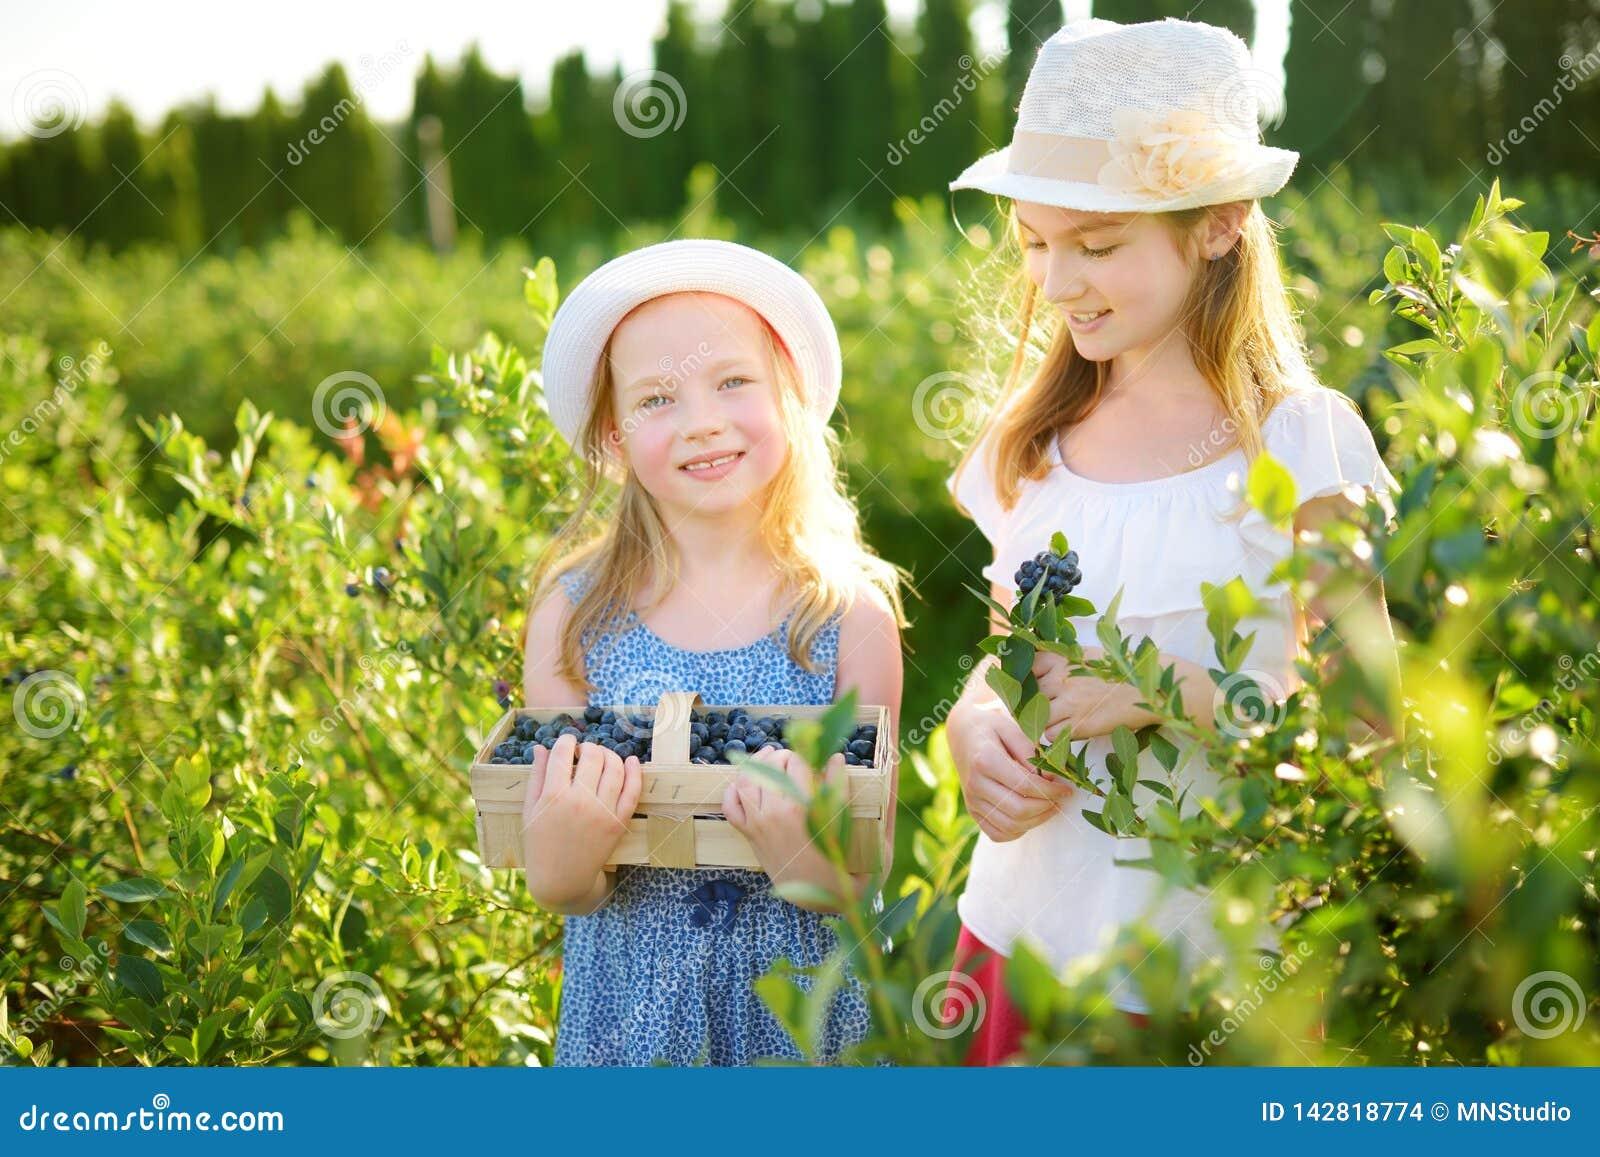 采摘在有机蓝莓农场的逗人喜爱的妹新鲜的莓果在温暖和晴朗的夏日 新鲜的健康有机食品为